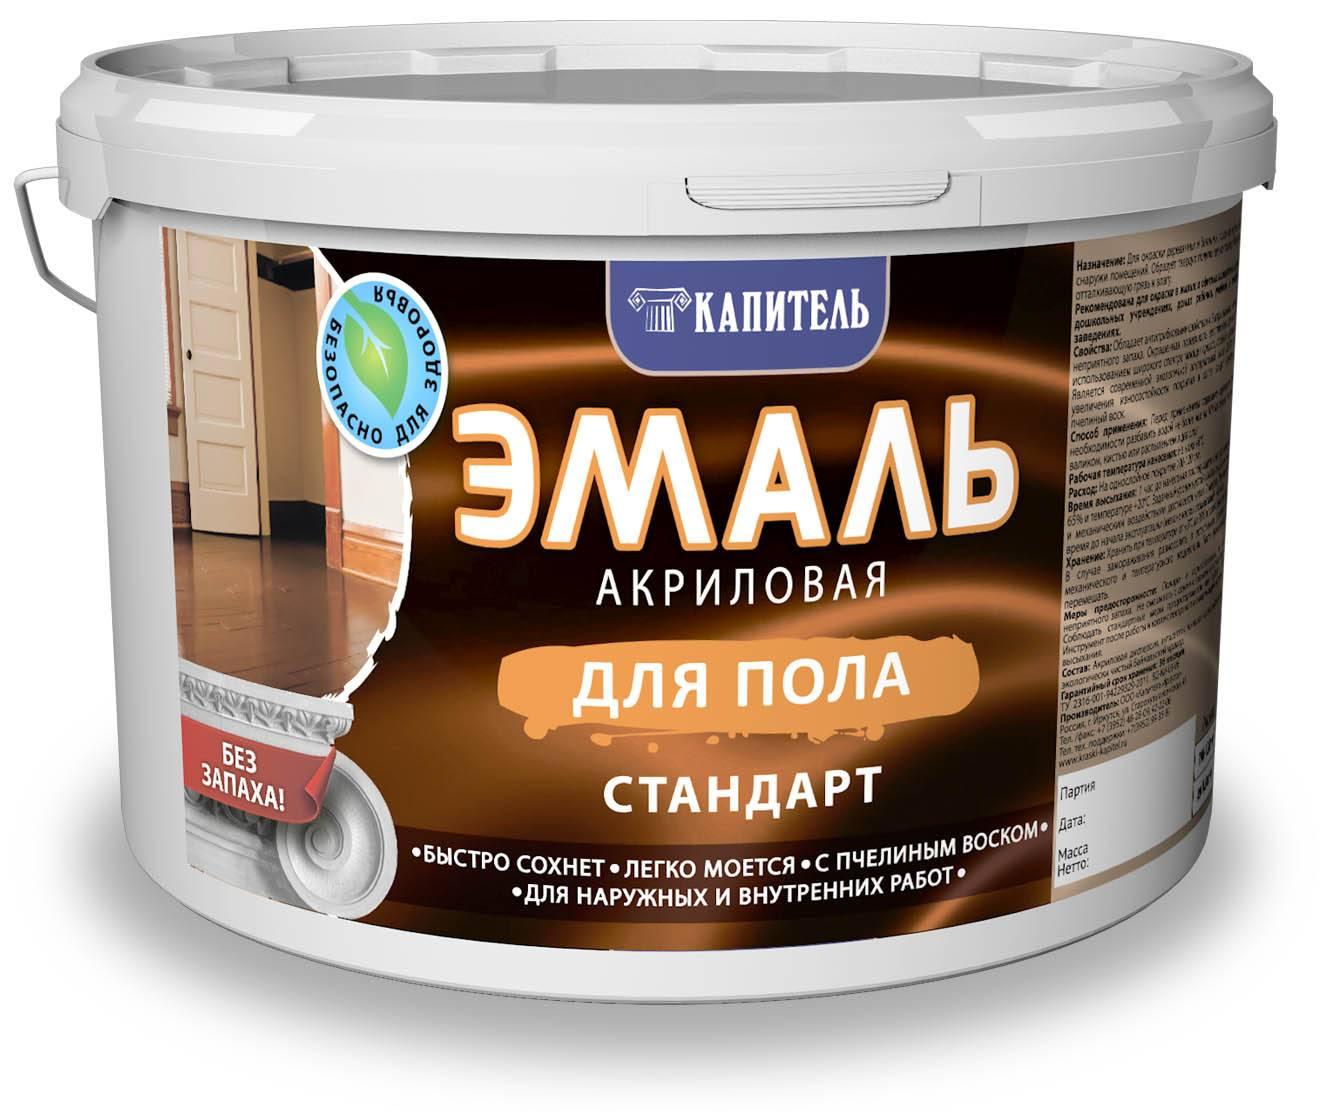 Эмали для пола: технические характеристики эмалей пф-226 и пф-266, быстросохнущие составы без запаха для деревянного покрытия